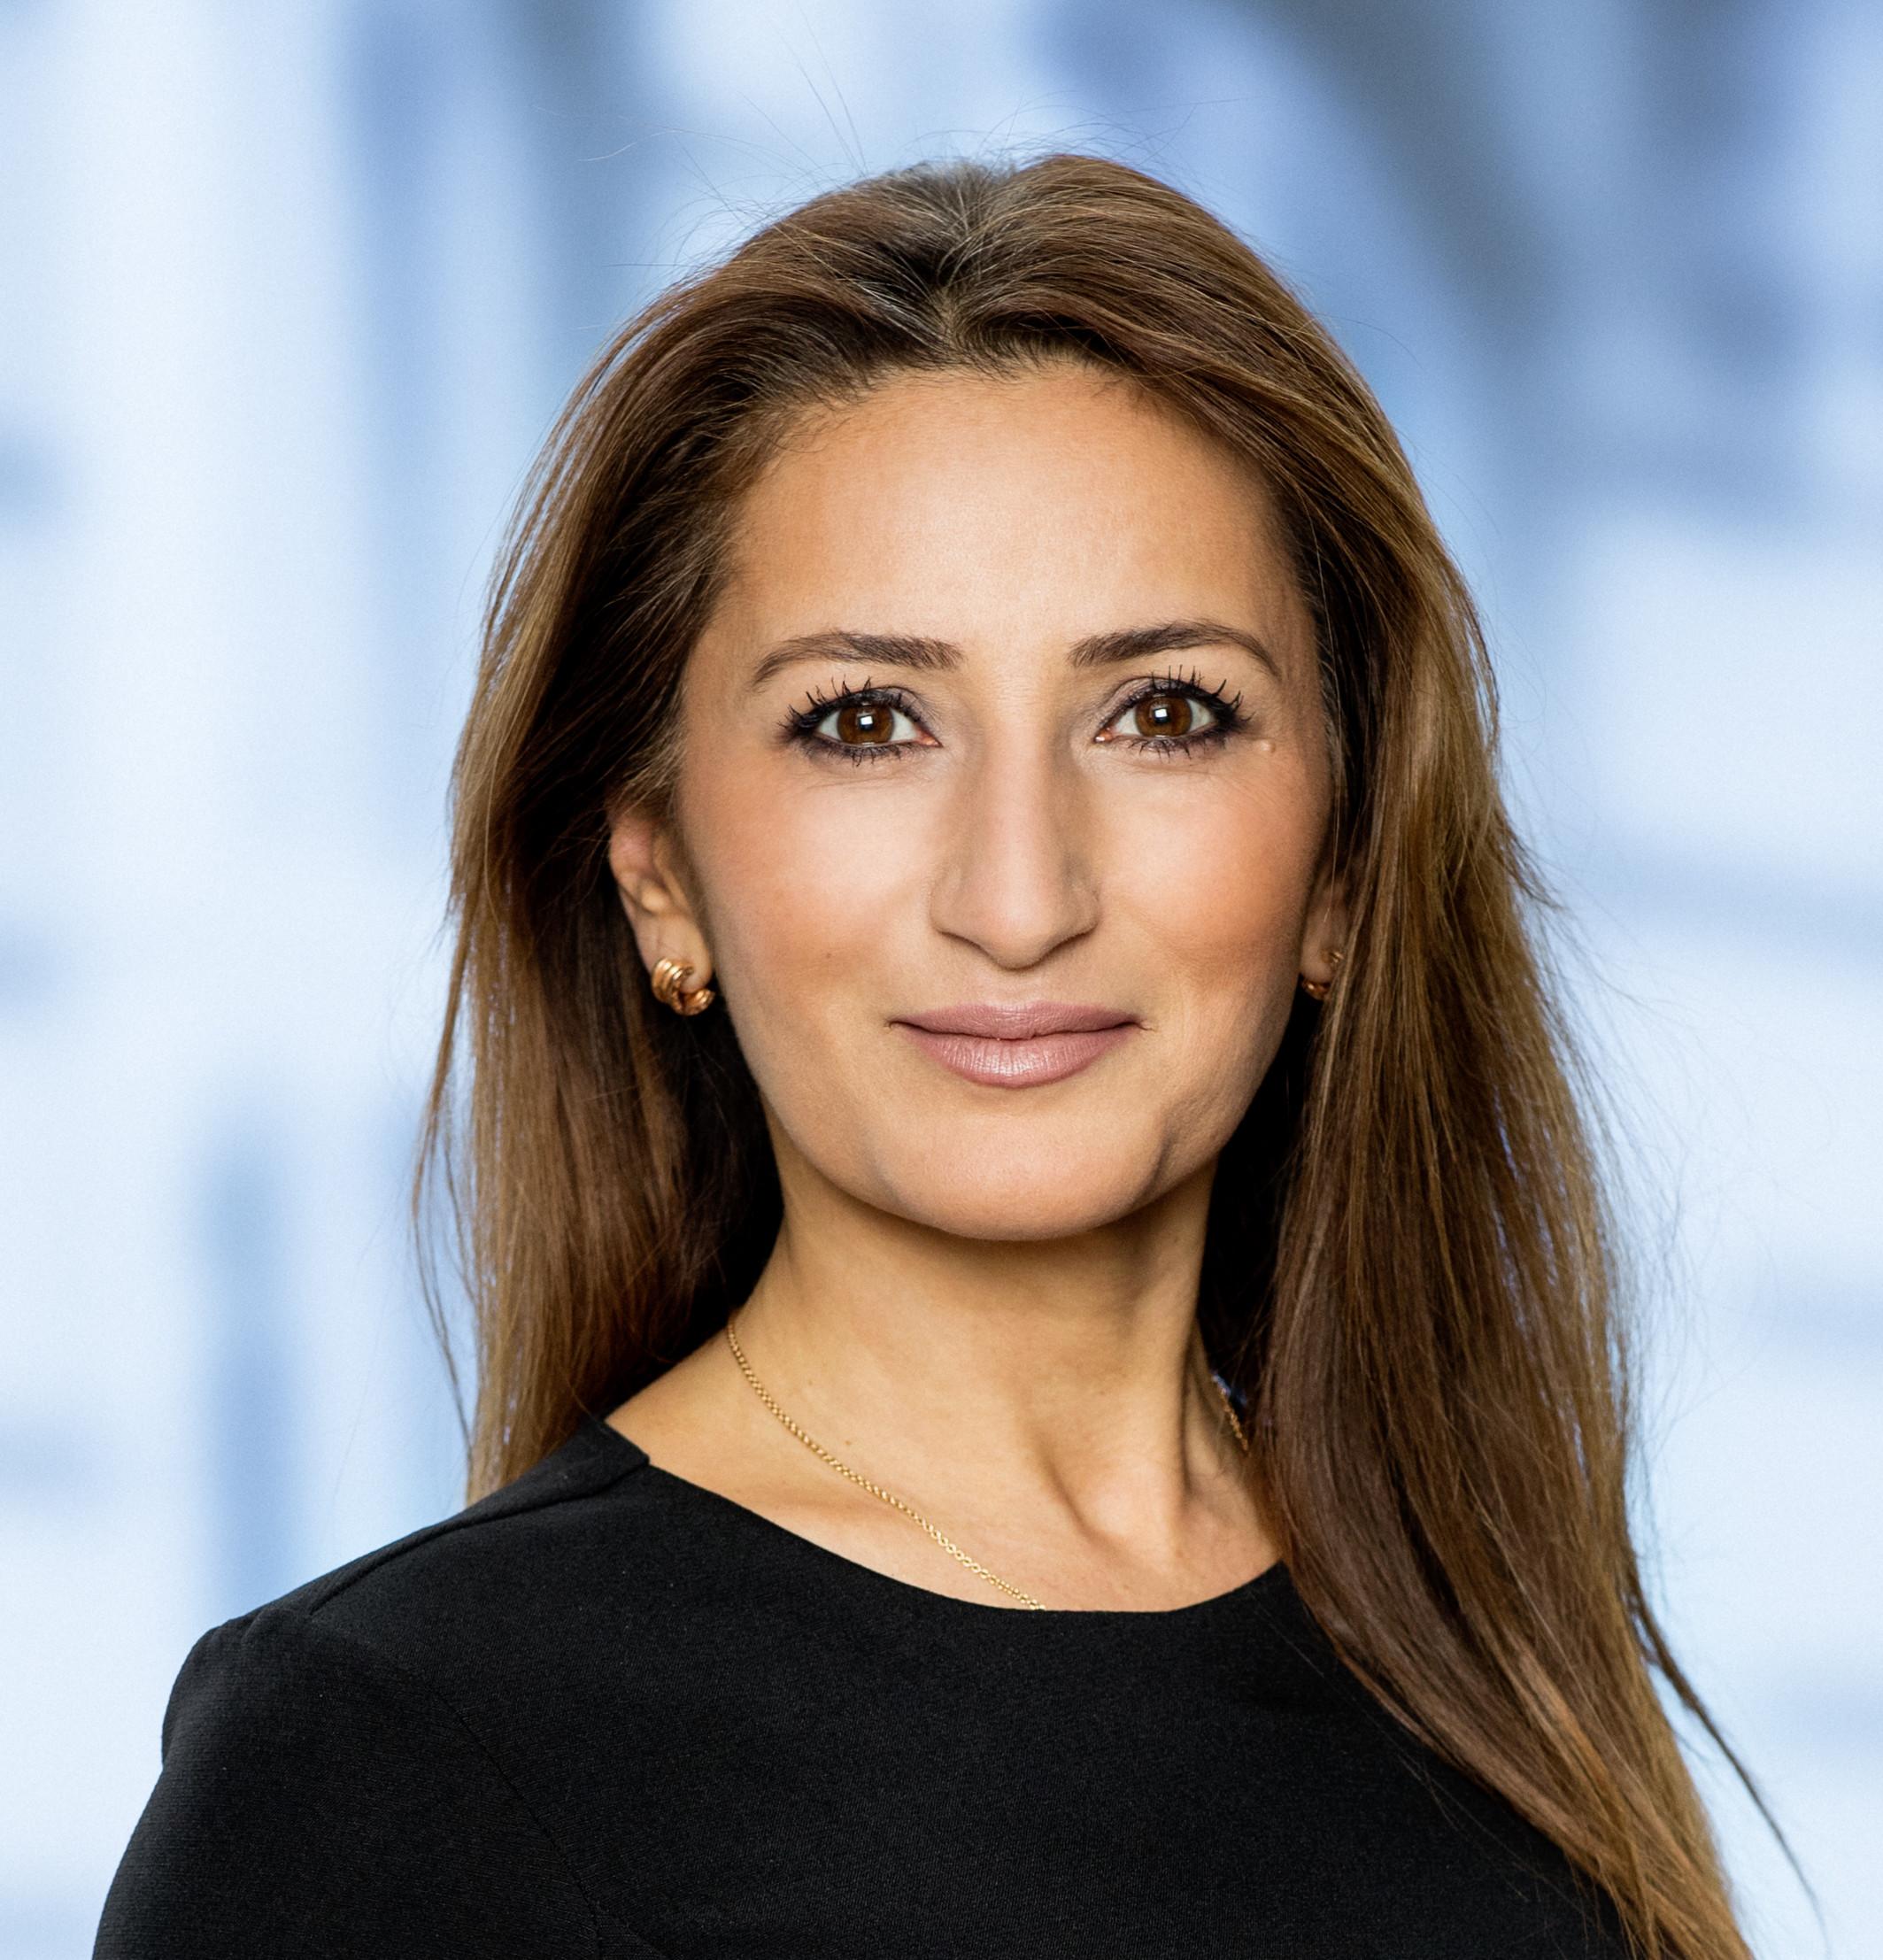 Portræt af Venstres ligestillingsordfører, Fatma Øktem.